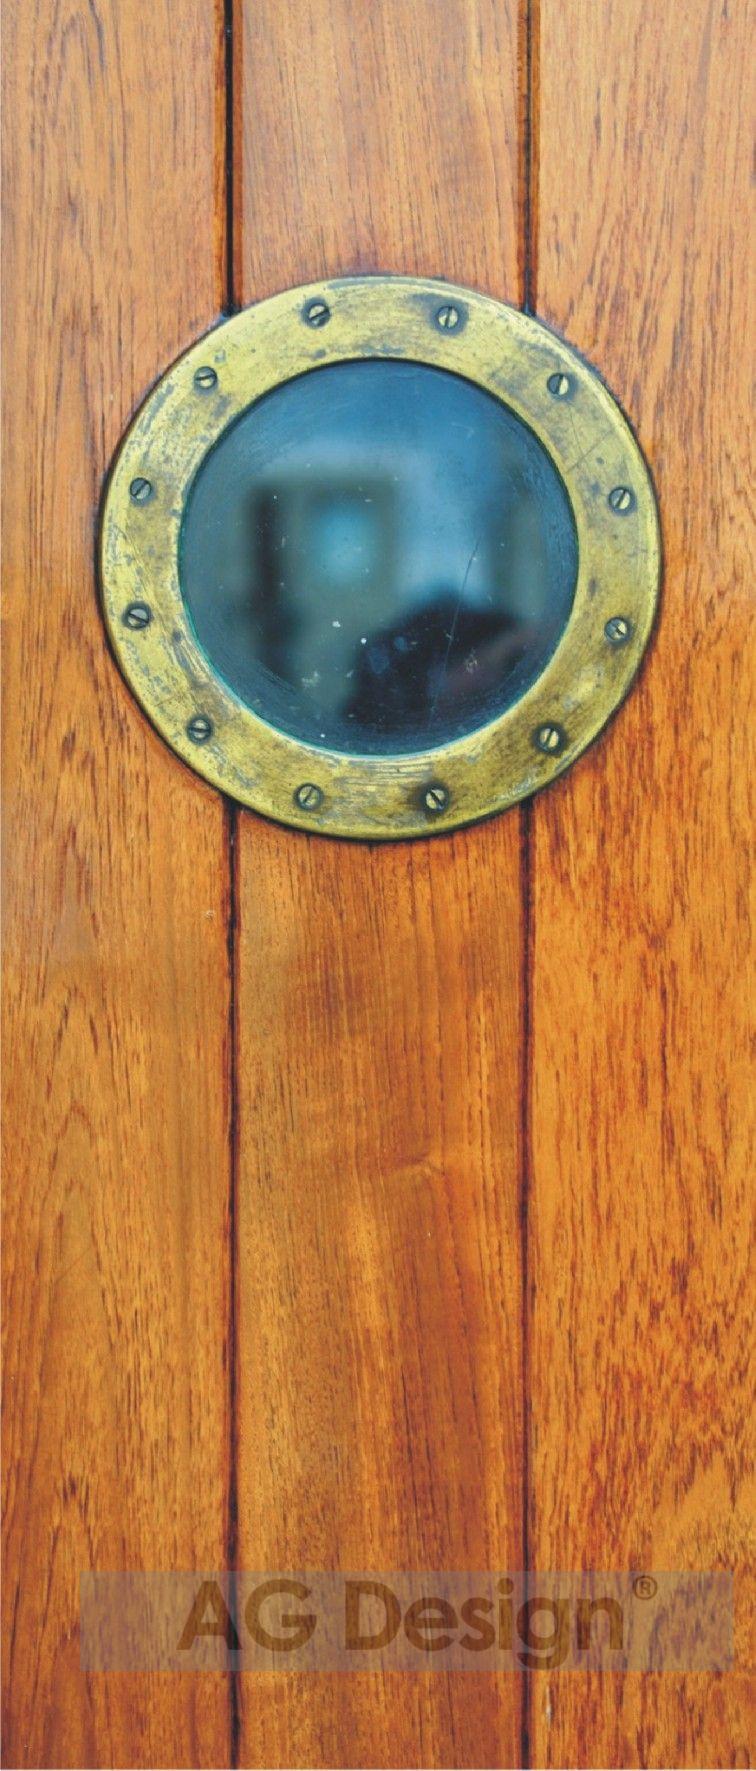 Fototapeta na dveře FT0019 (1-dílná papírová fototapeta)